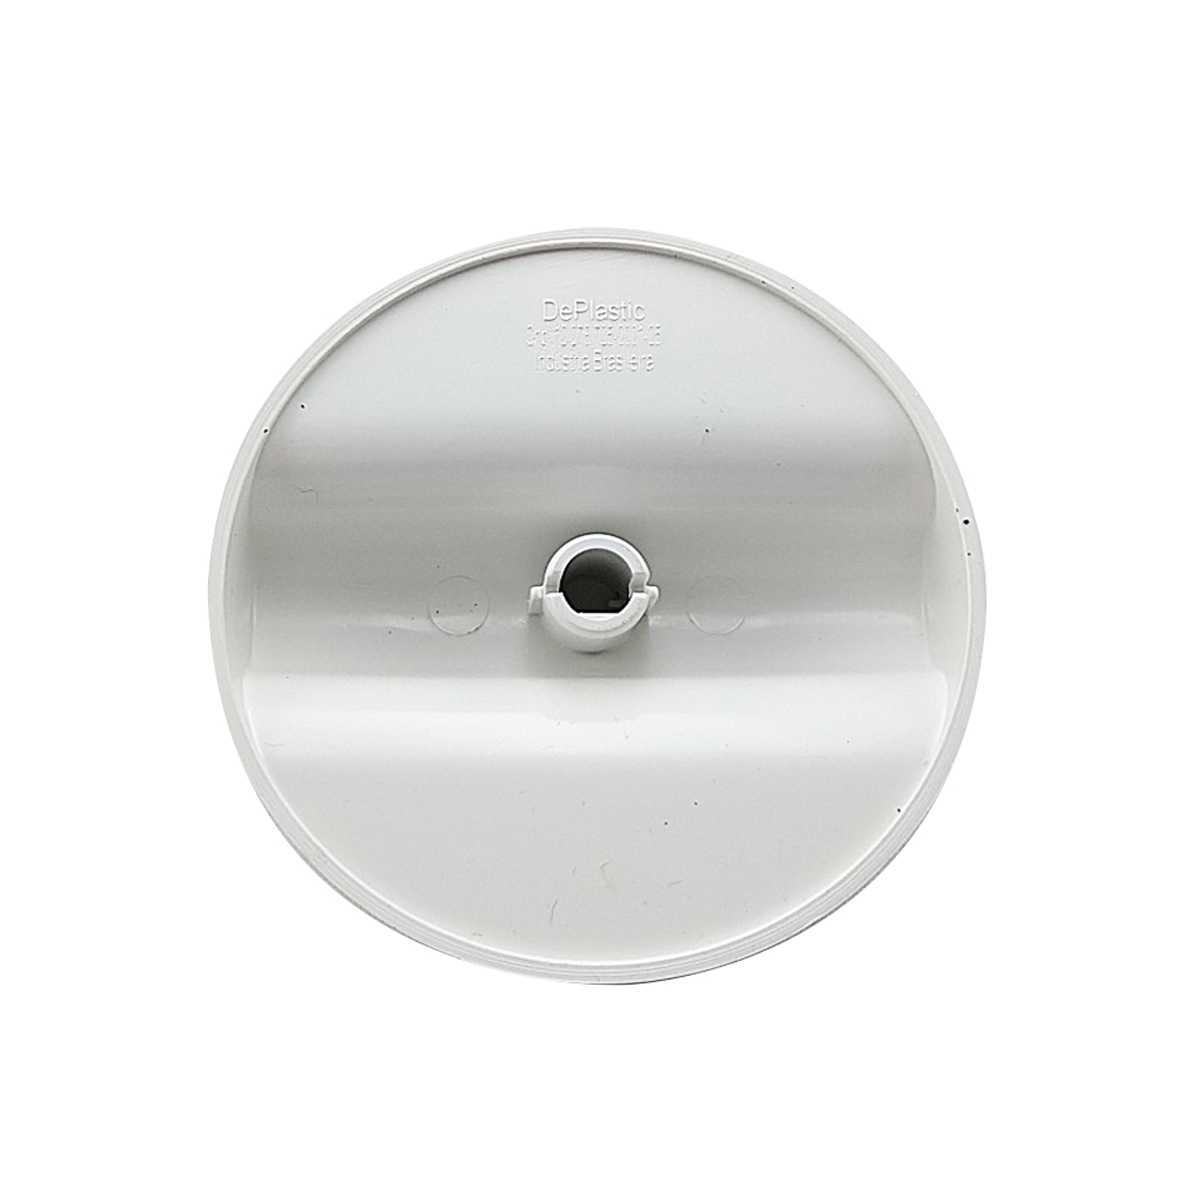 Botão seletor do timer da lavadora Electrolux LT60, LTE06, LTE07, LTE09, LTE12